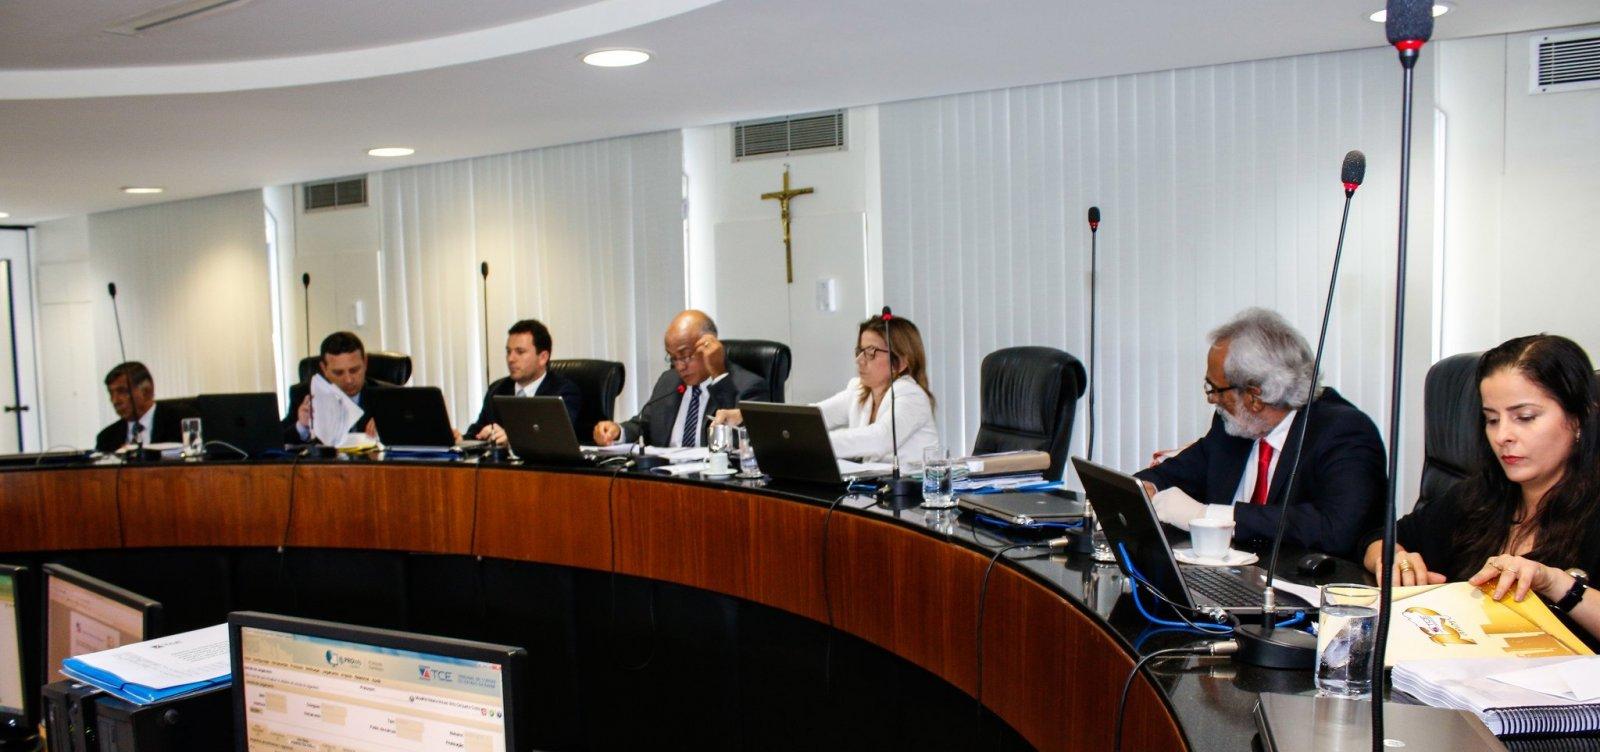 [Tribunal de Contas manda que ex-prefeito de São Domingos devolva R$ 144,7 mil aos cofres públicos ]